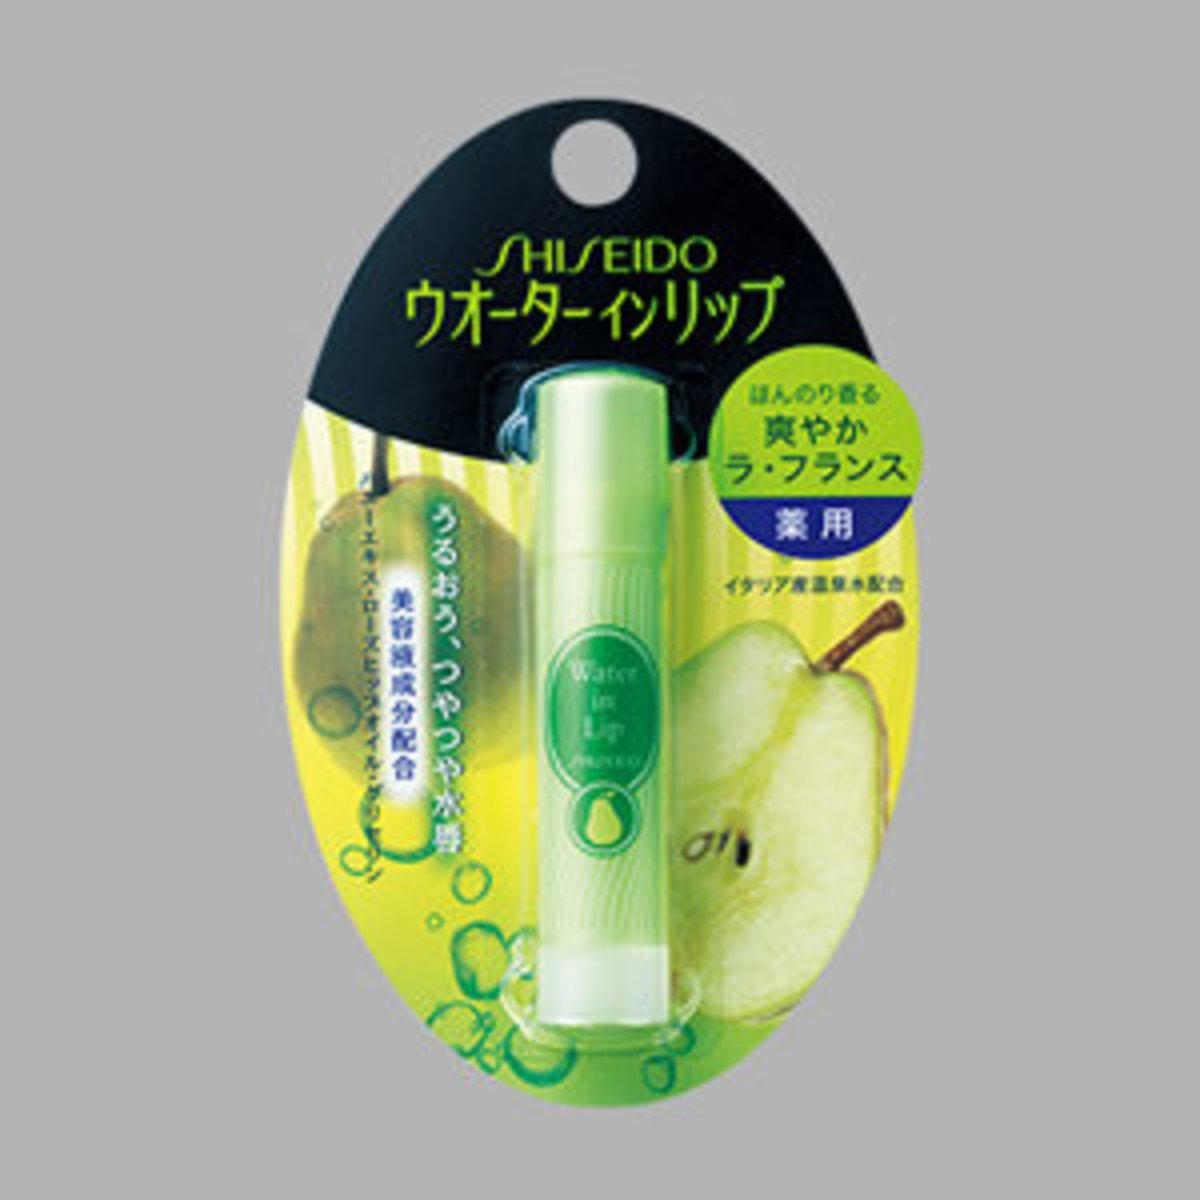 WIL藥用潤唇膏(啤梨味)3.5g